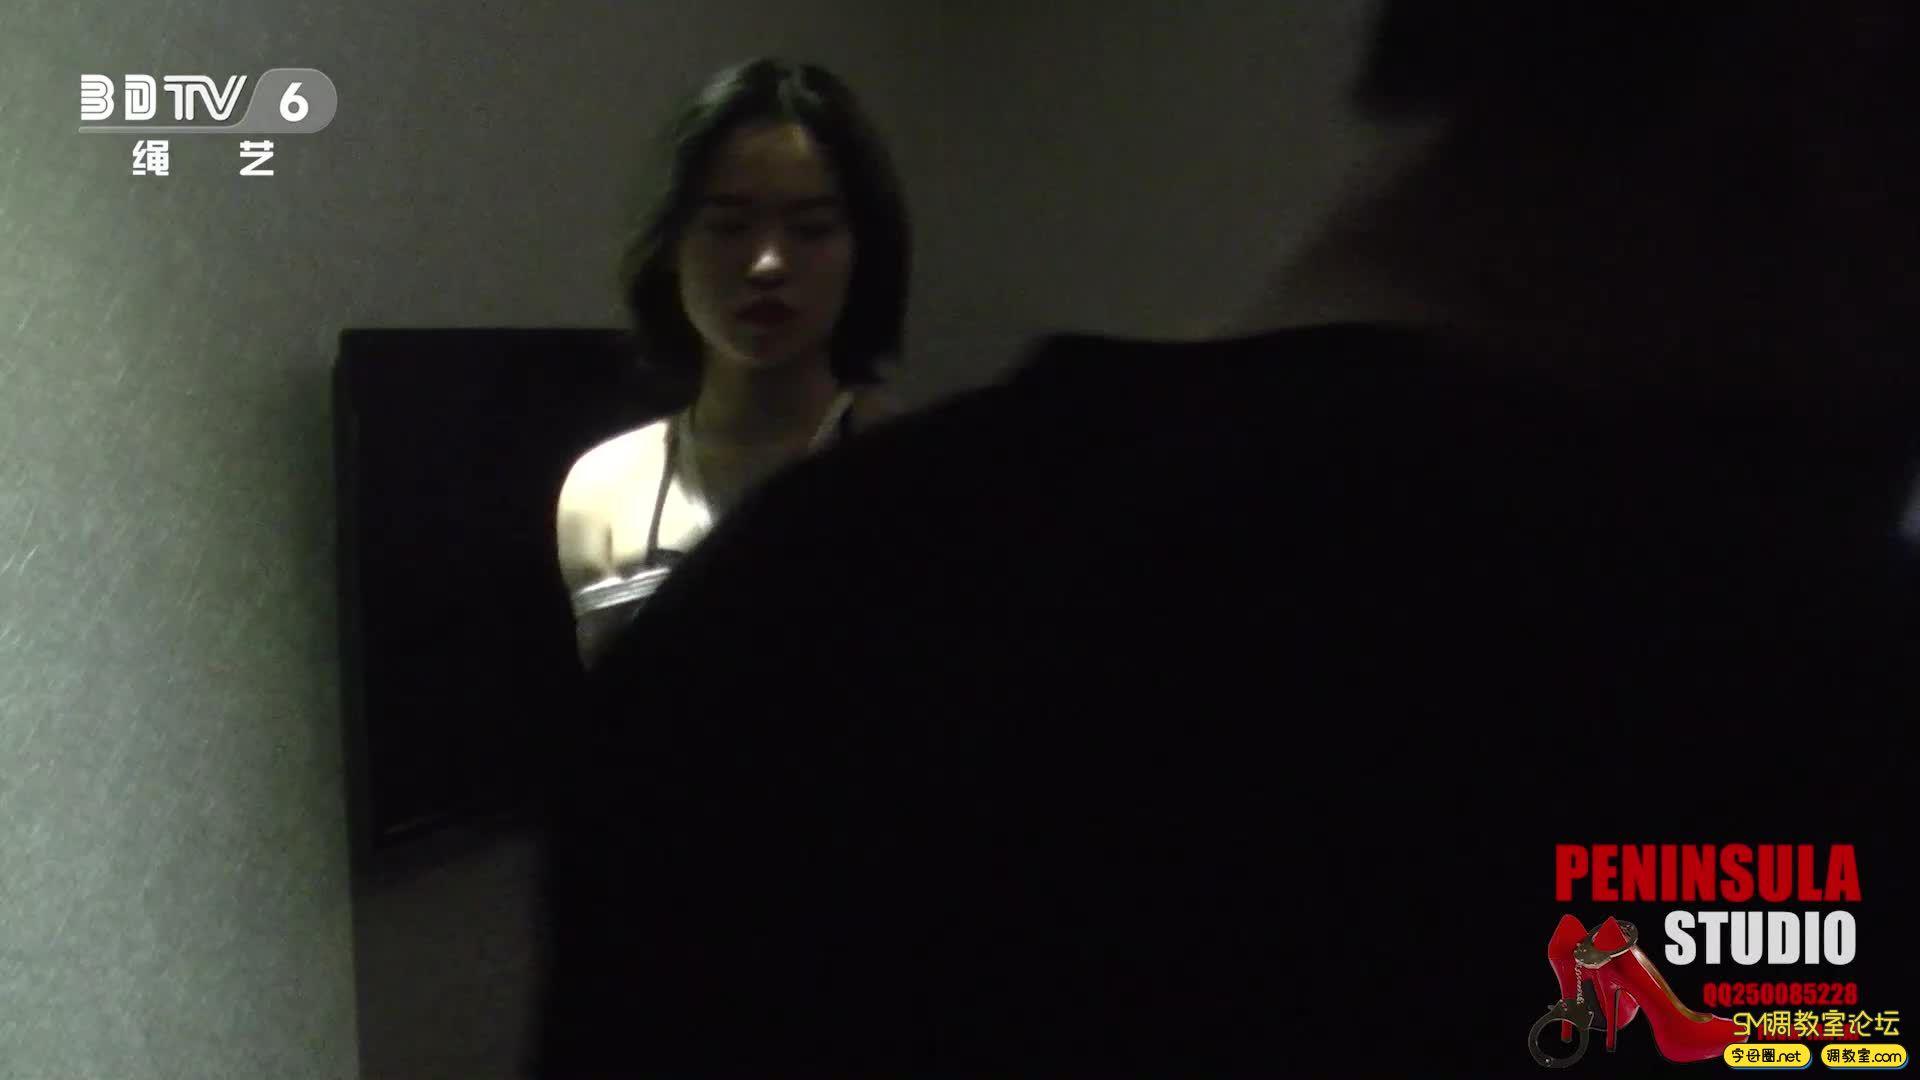 半岛束艺台_浴池激情前传:性感肚兜大美腿蛇缚-视频截图1